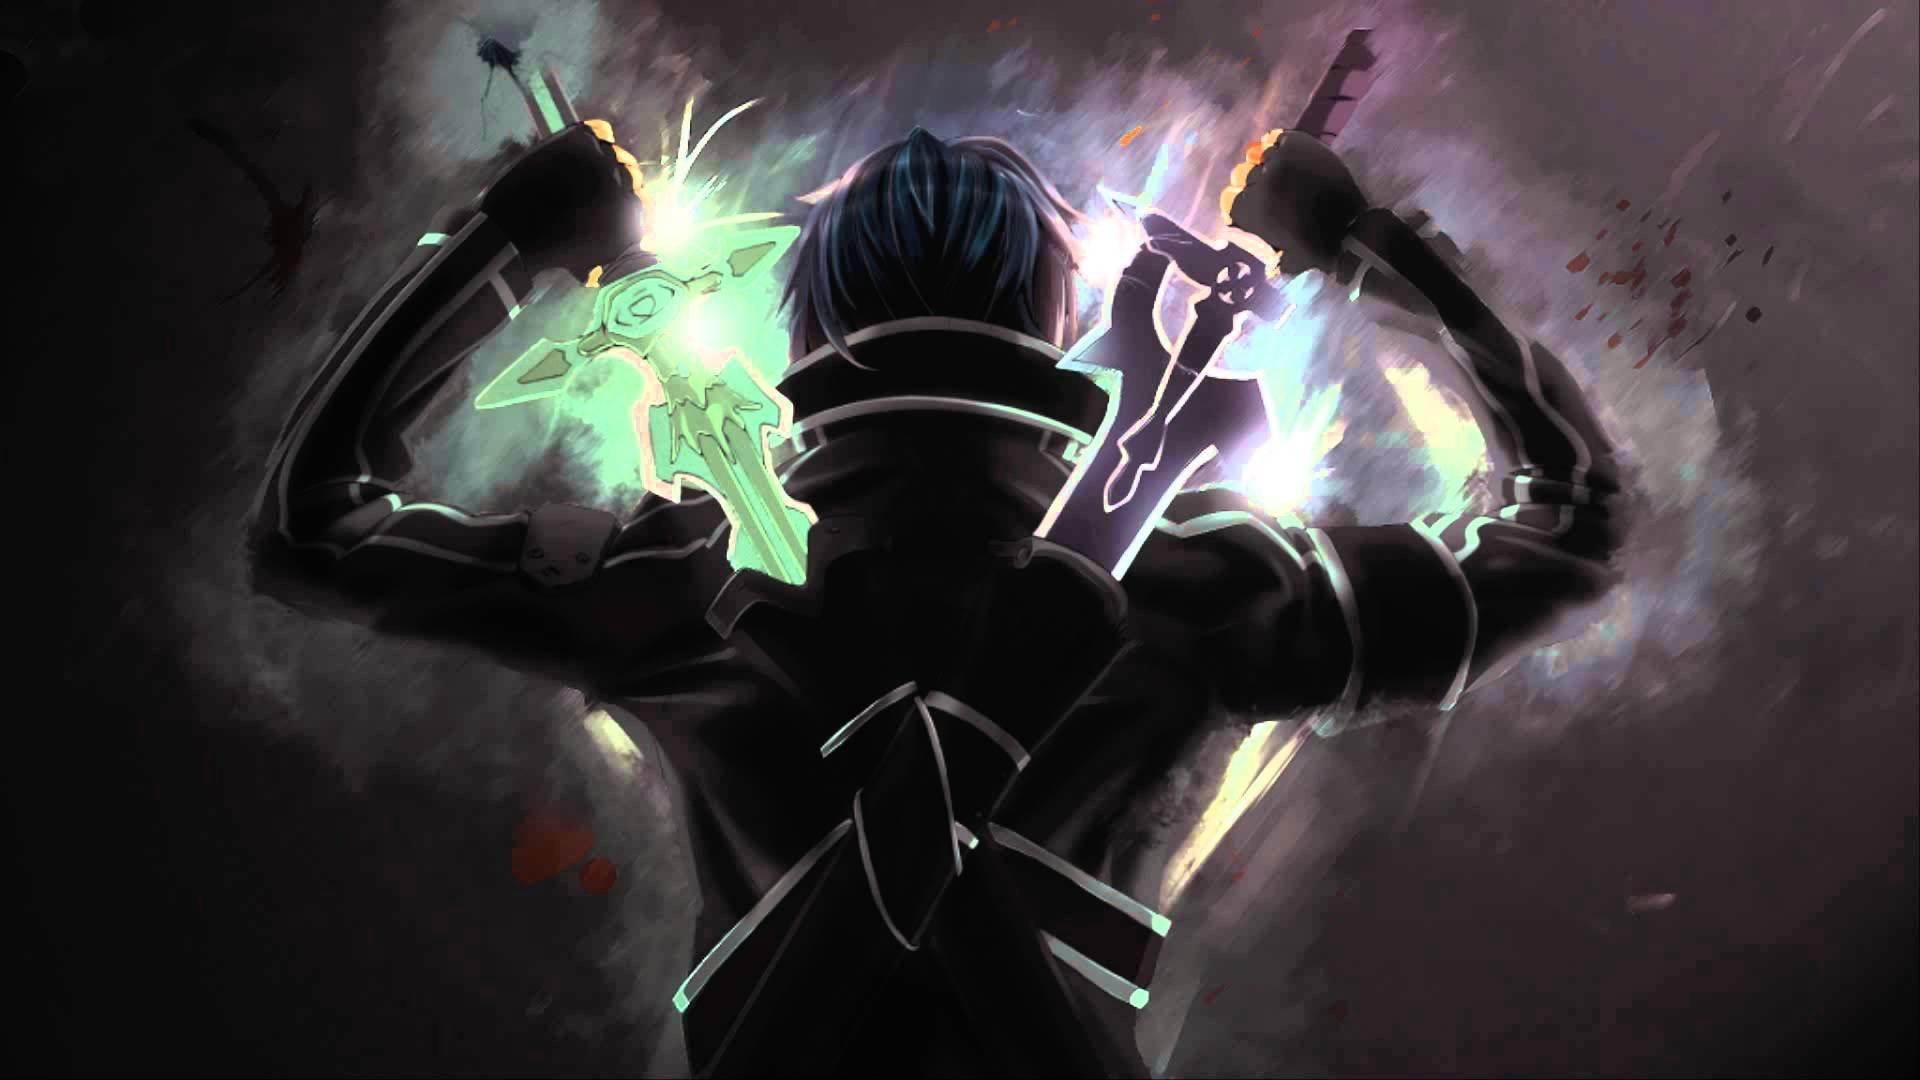 sword art online ii animation fighting sci